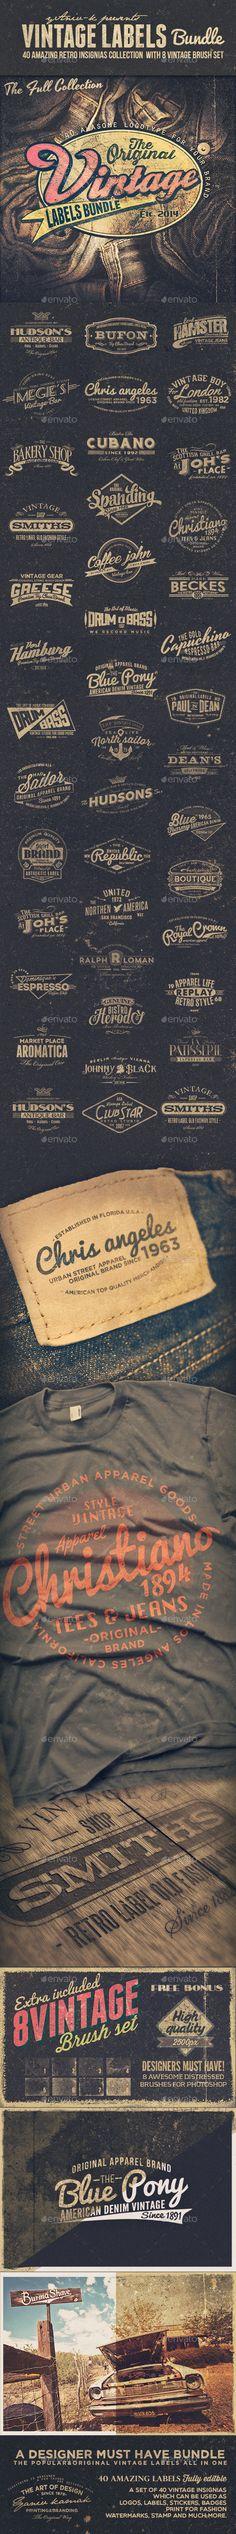 40 Vintage Labels Insignias Logos Bundle - Badges & Stickers Web Elements